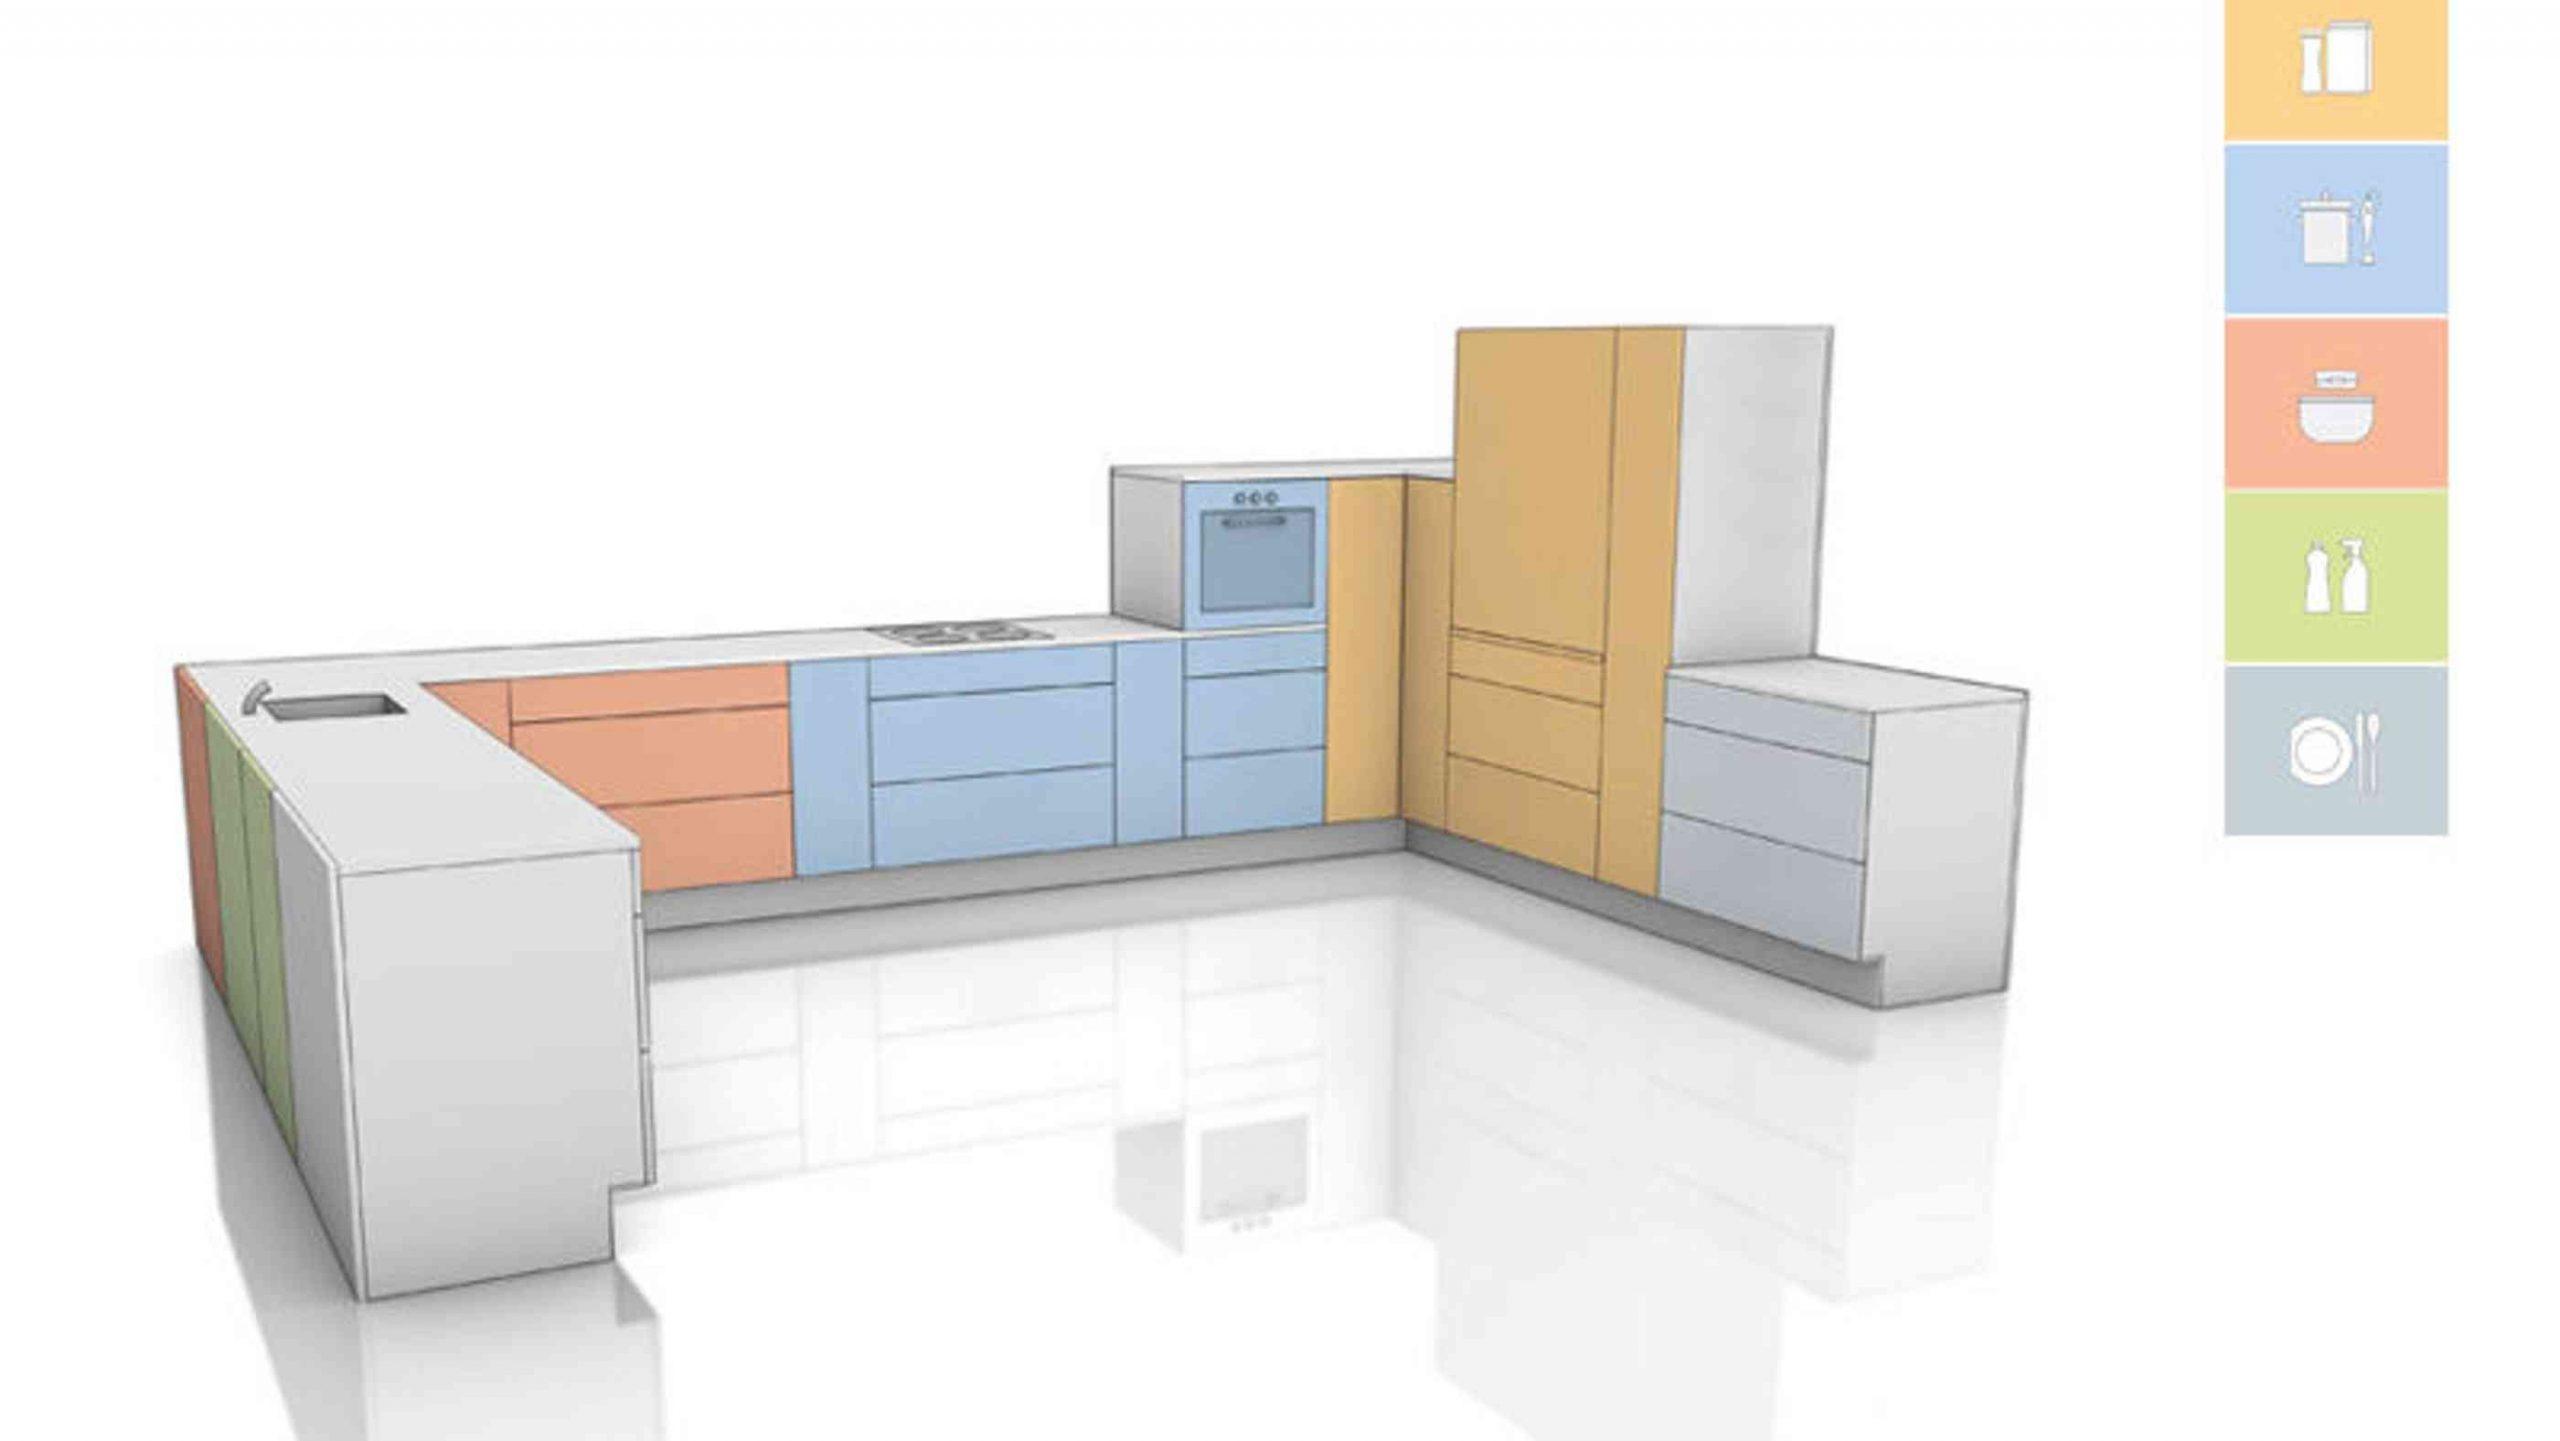 Full Size of Online Küche Planen Und Kaufen Küche Planen Online Poco Küche Planen Ikea Küche Planen Lassen Erfahrung Küche Küche Planen